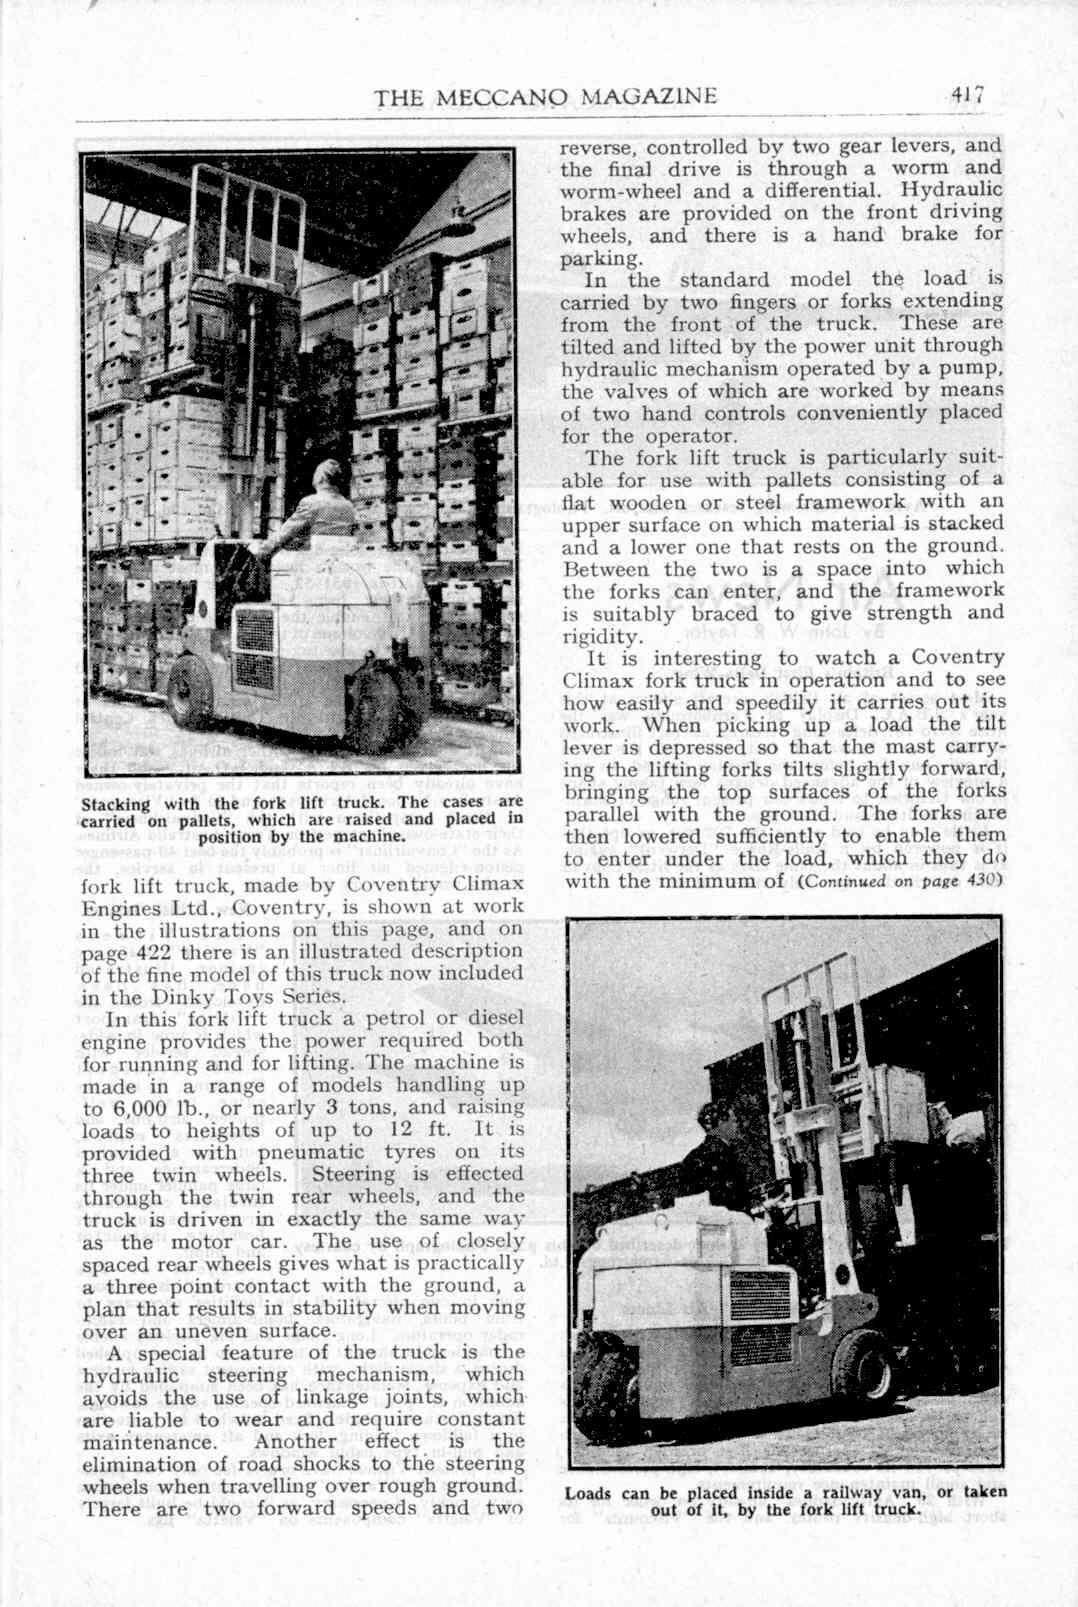 UK Meccano Magazine November 1949 Page 417